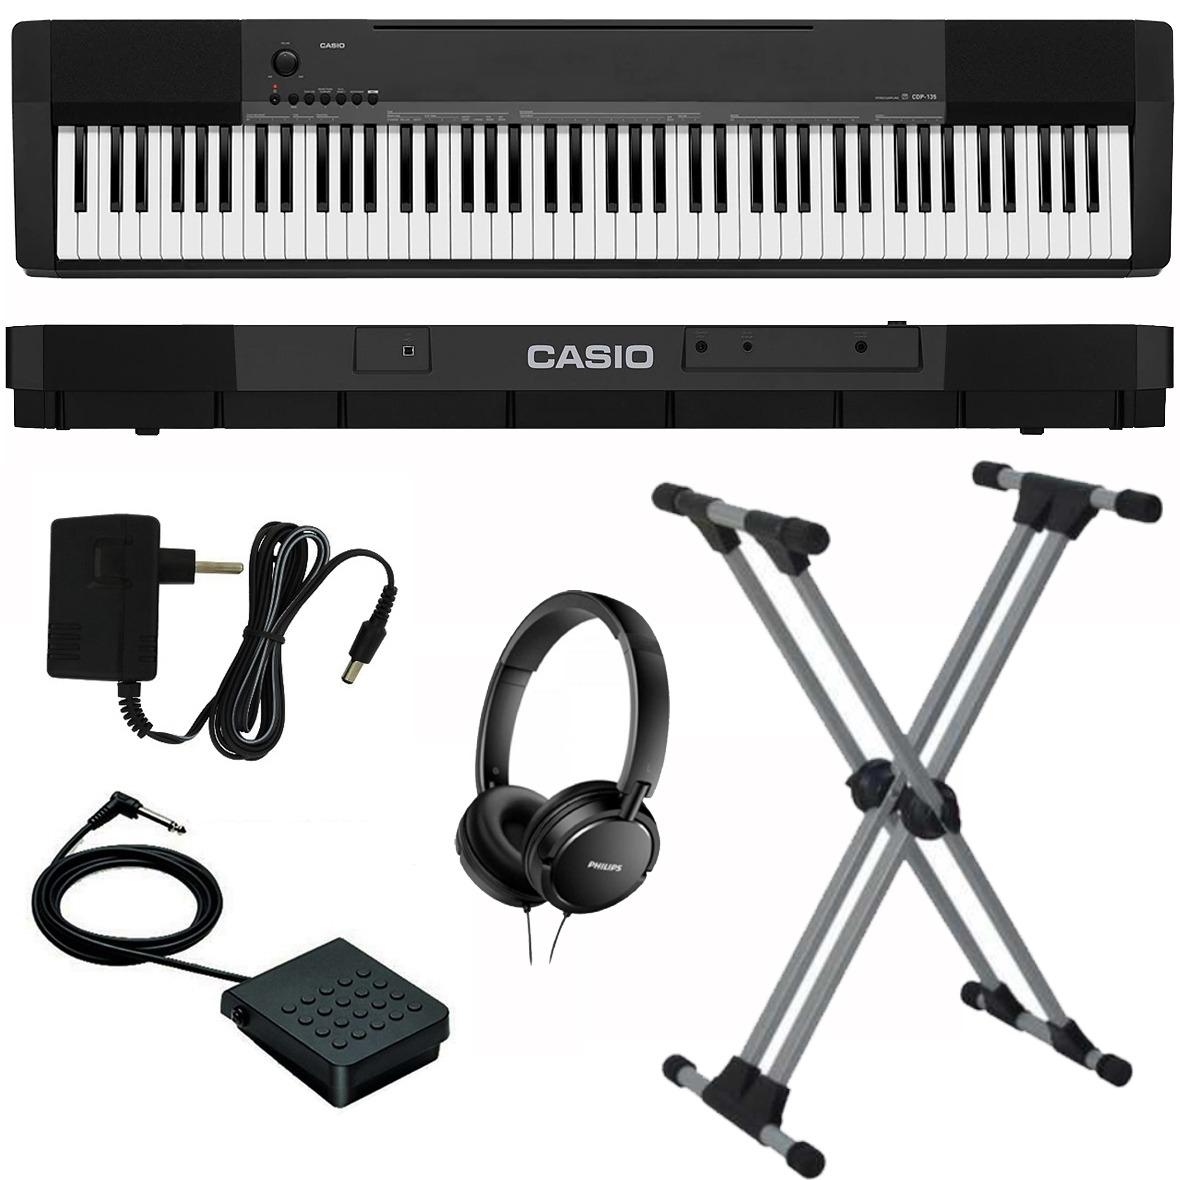 fa152a272cc kit piano digital casio cdp-135 88 teclas preto com suporte. Carregando  zoom.